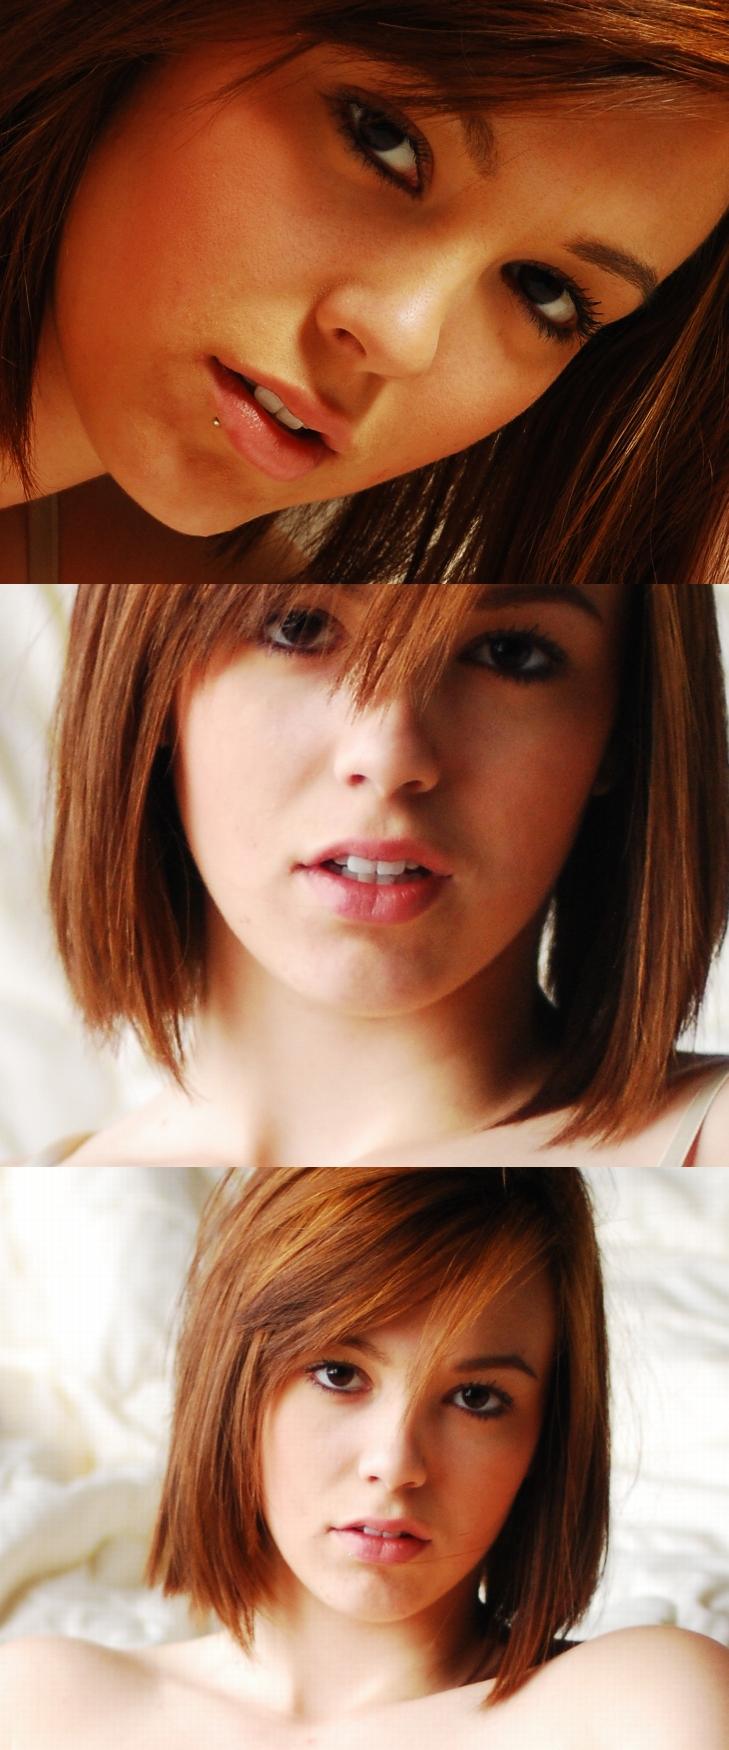 http://photos.modelmayhem.com/photos/101203/15/4cf979168ae58.jpg